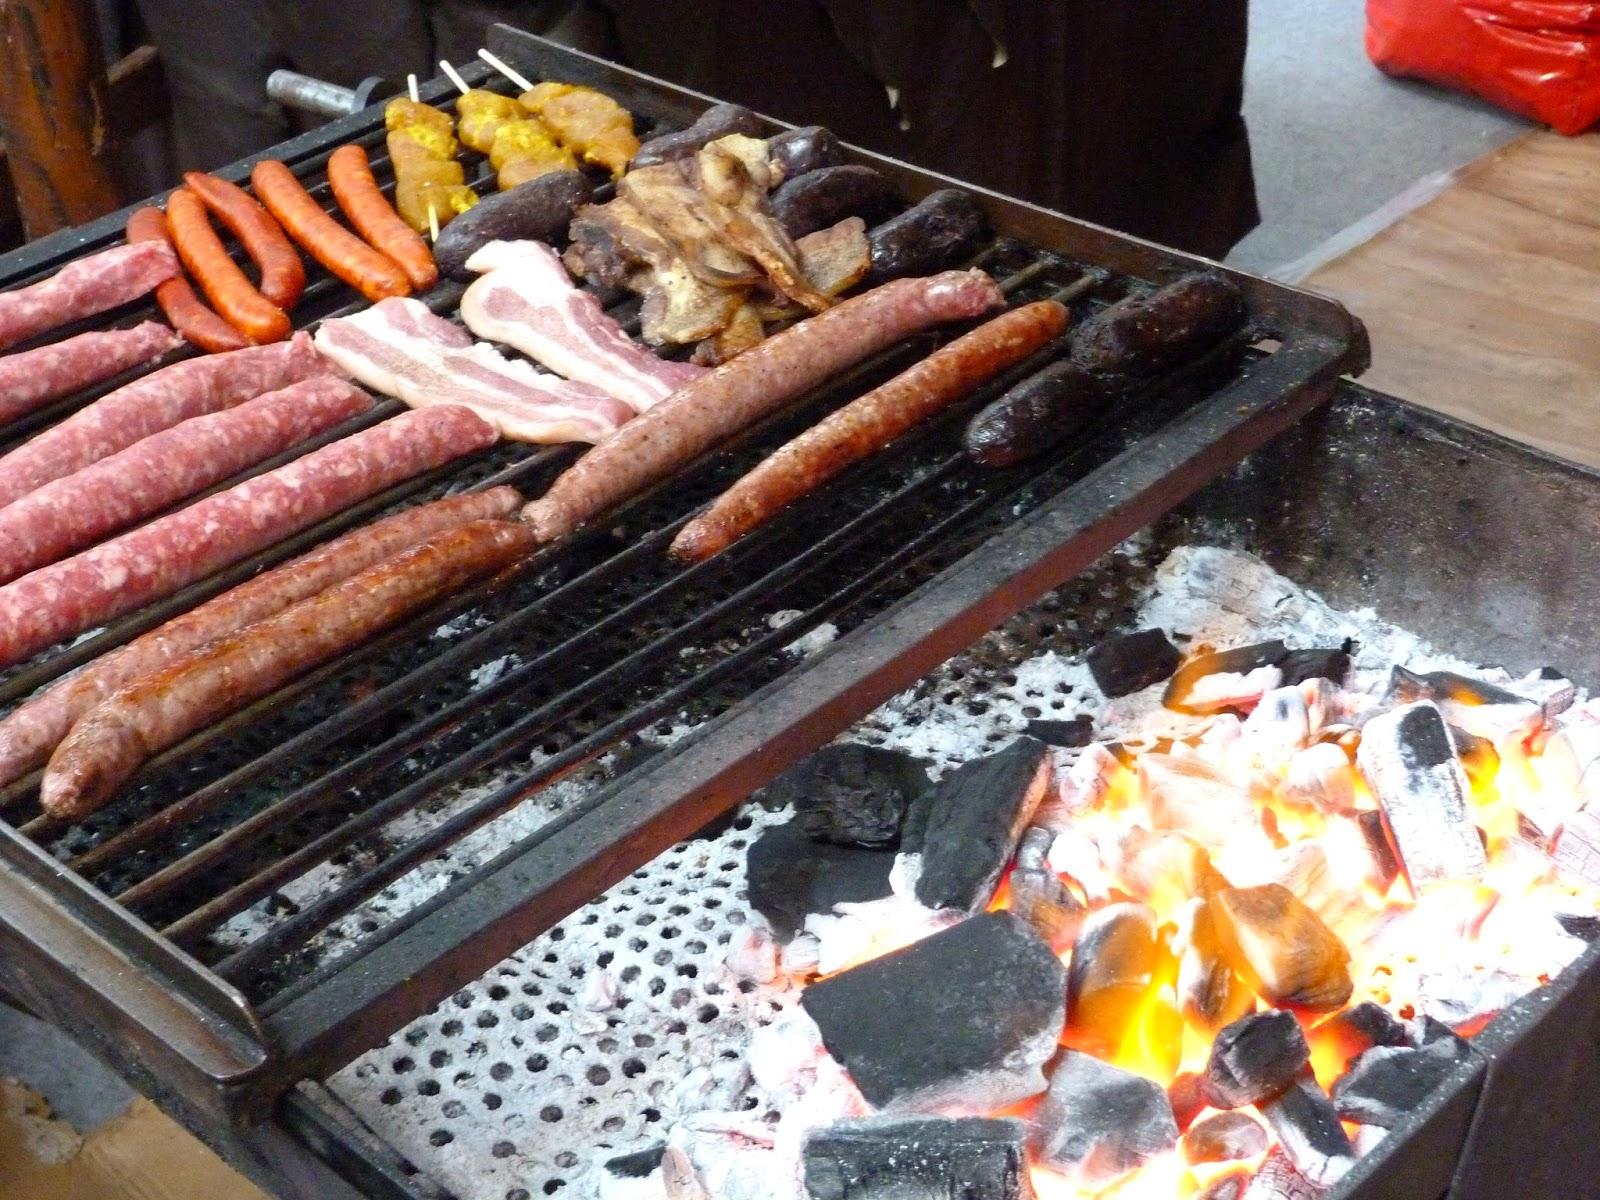 Tarragonain comida a la brasa